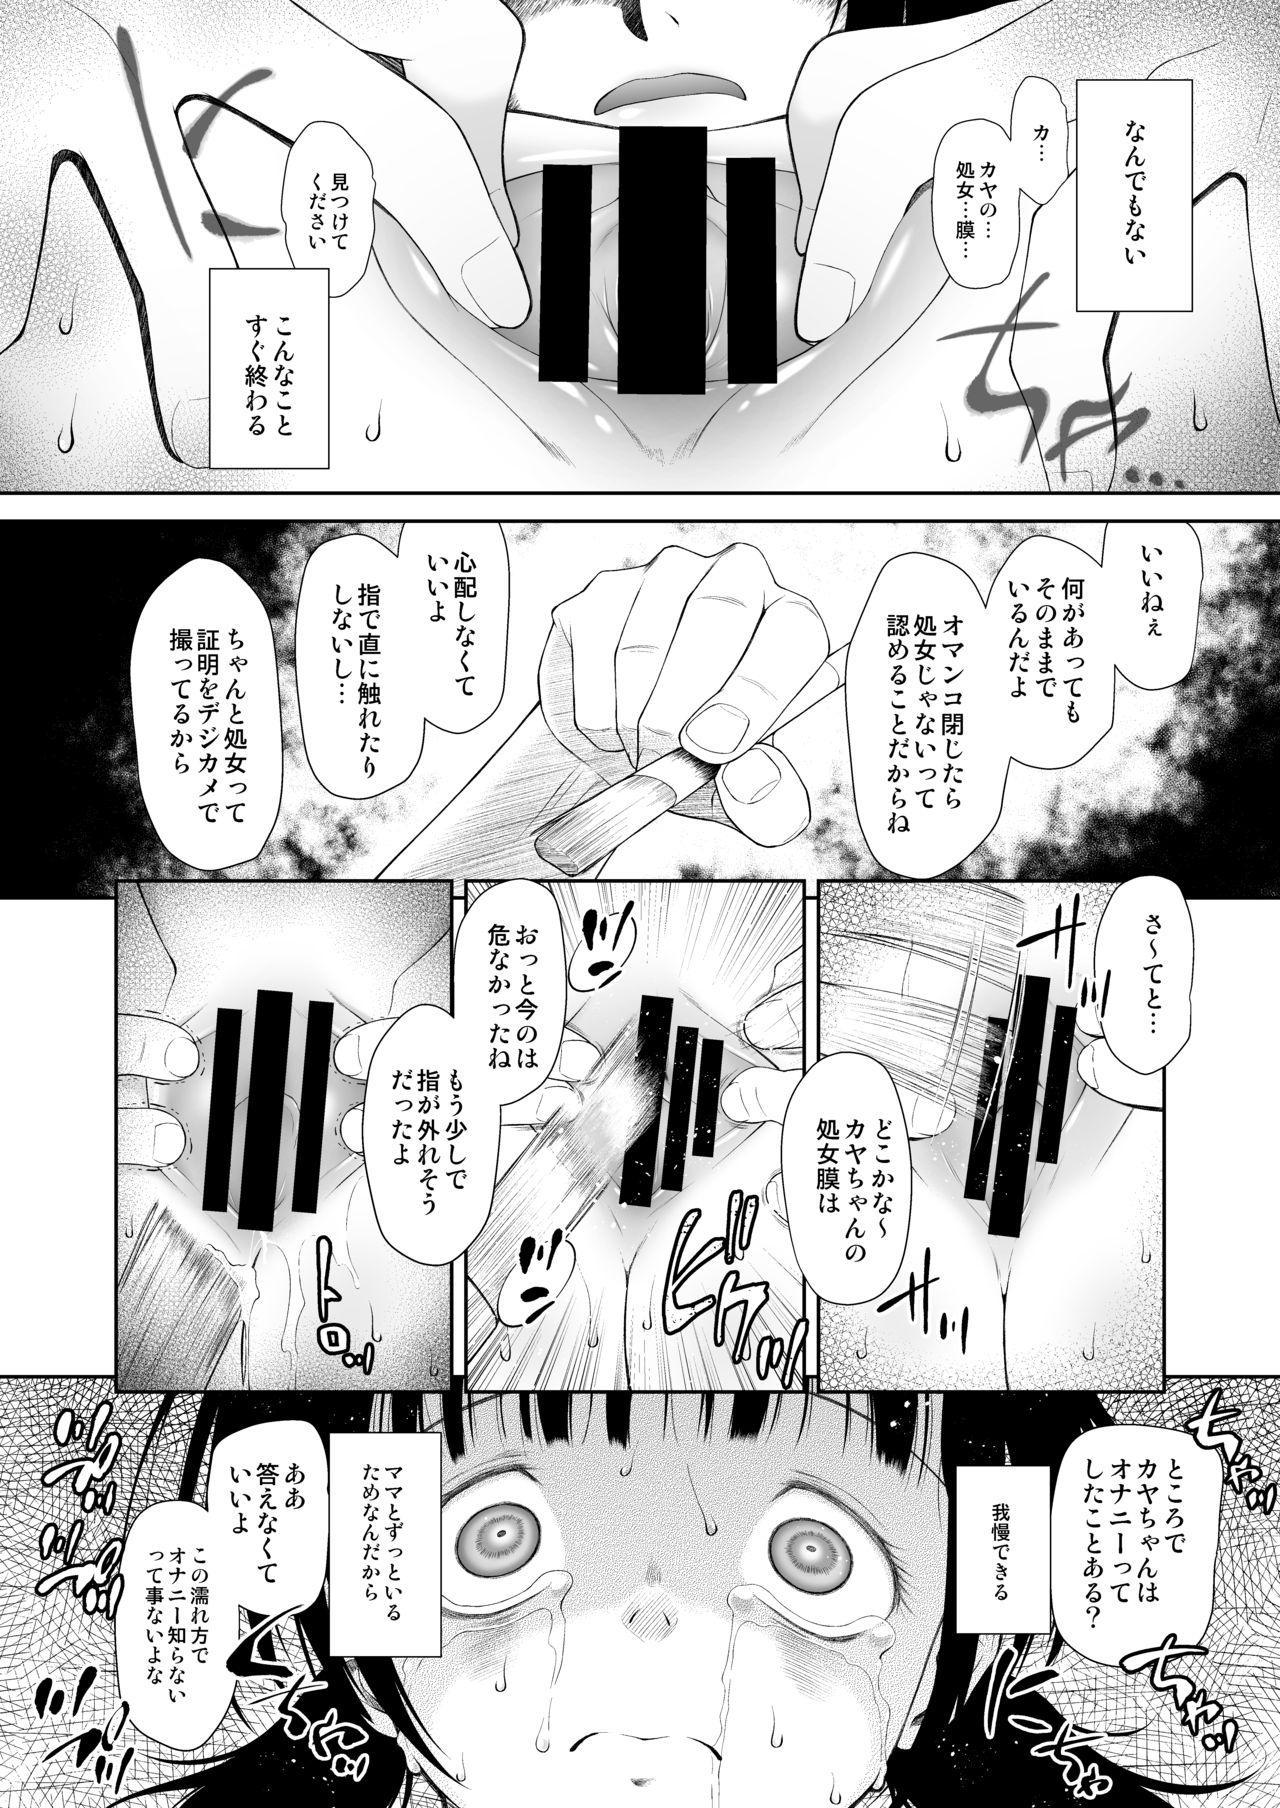 Shojo Kushige 10